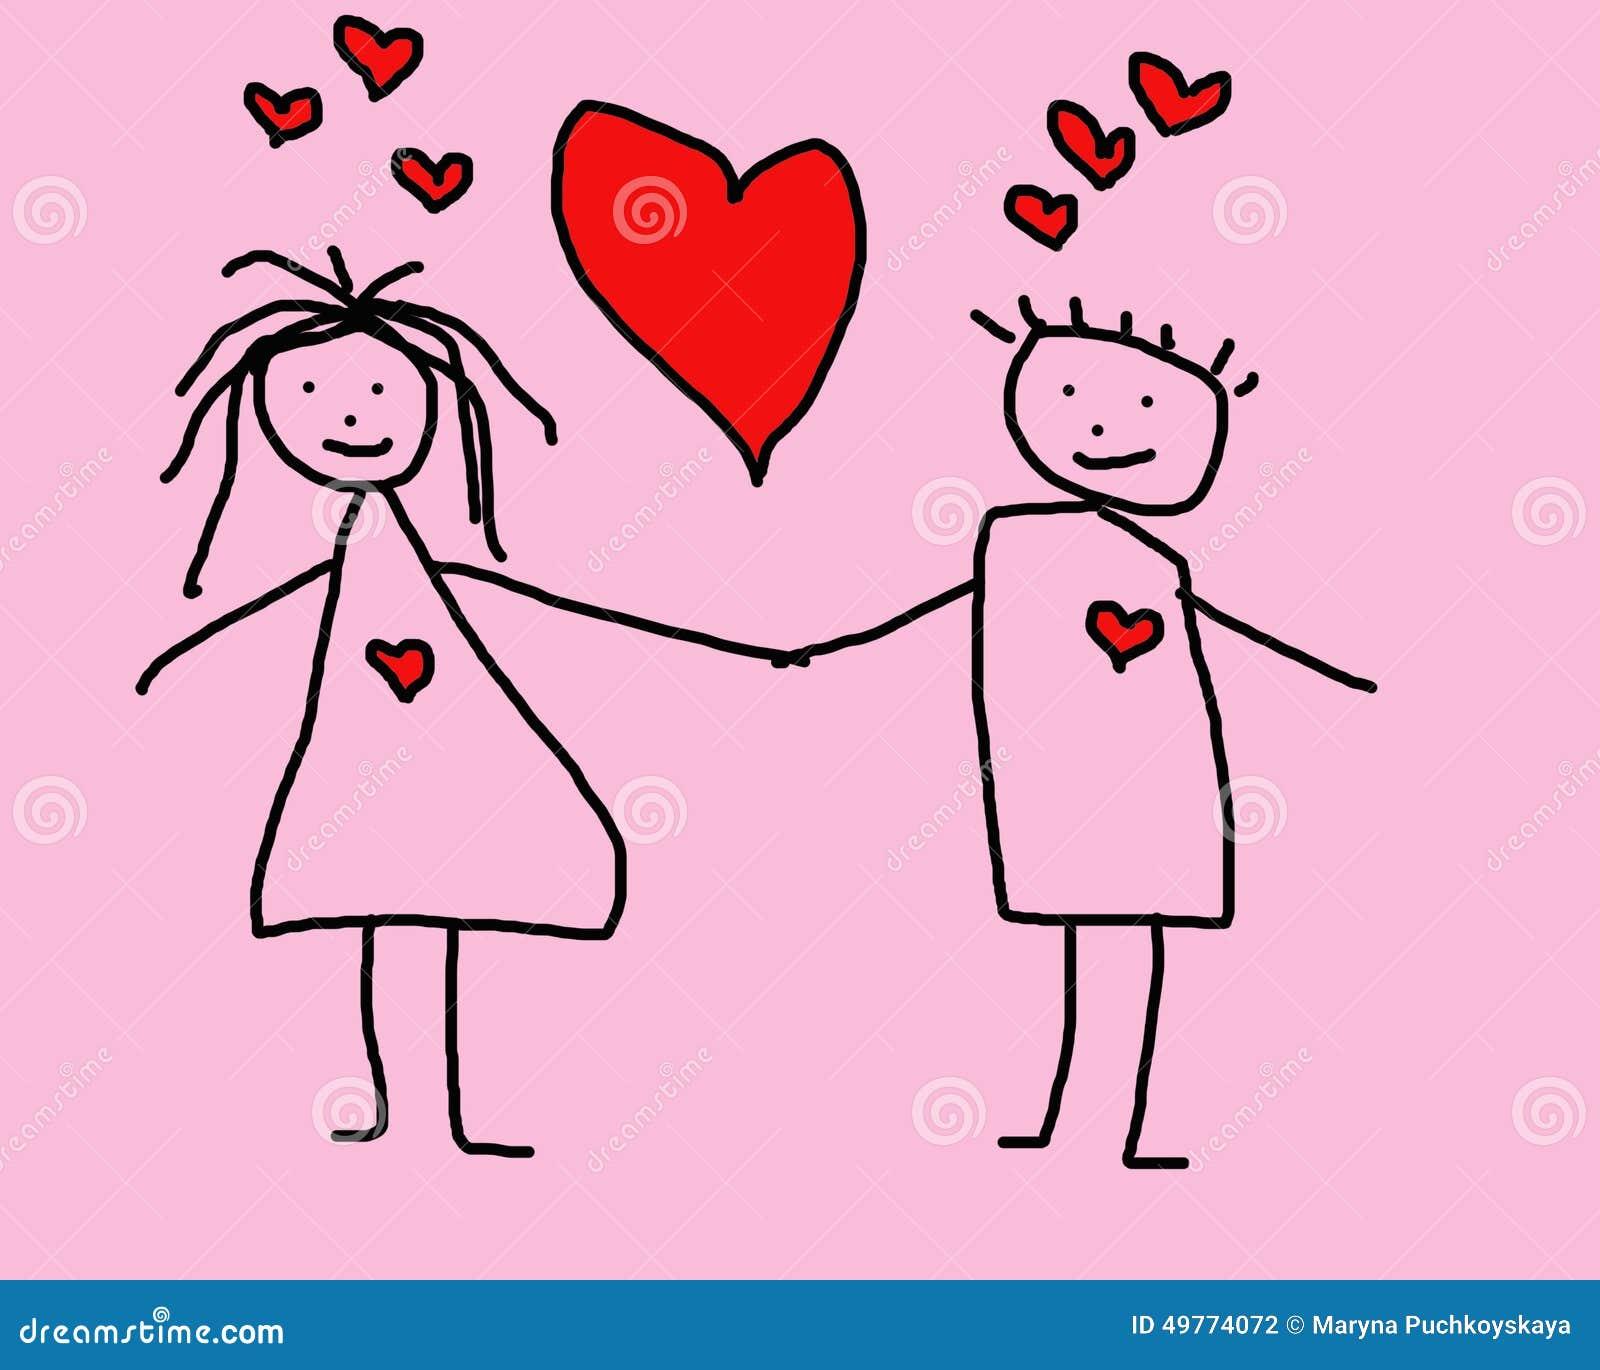 Dziecko obrazek o miłości